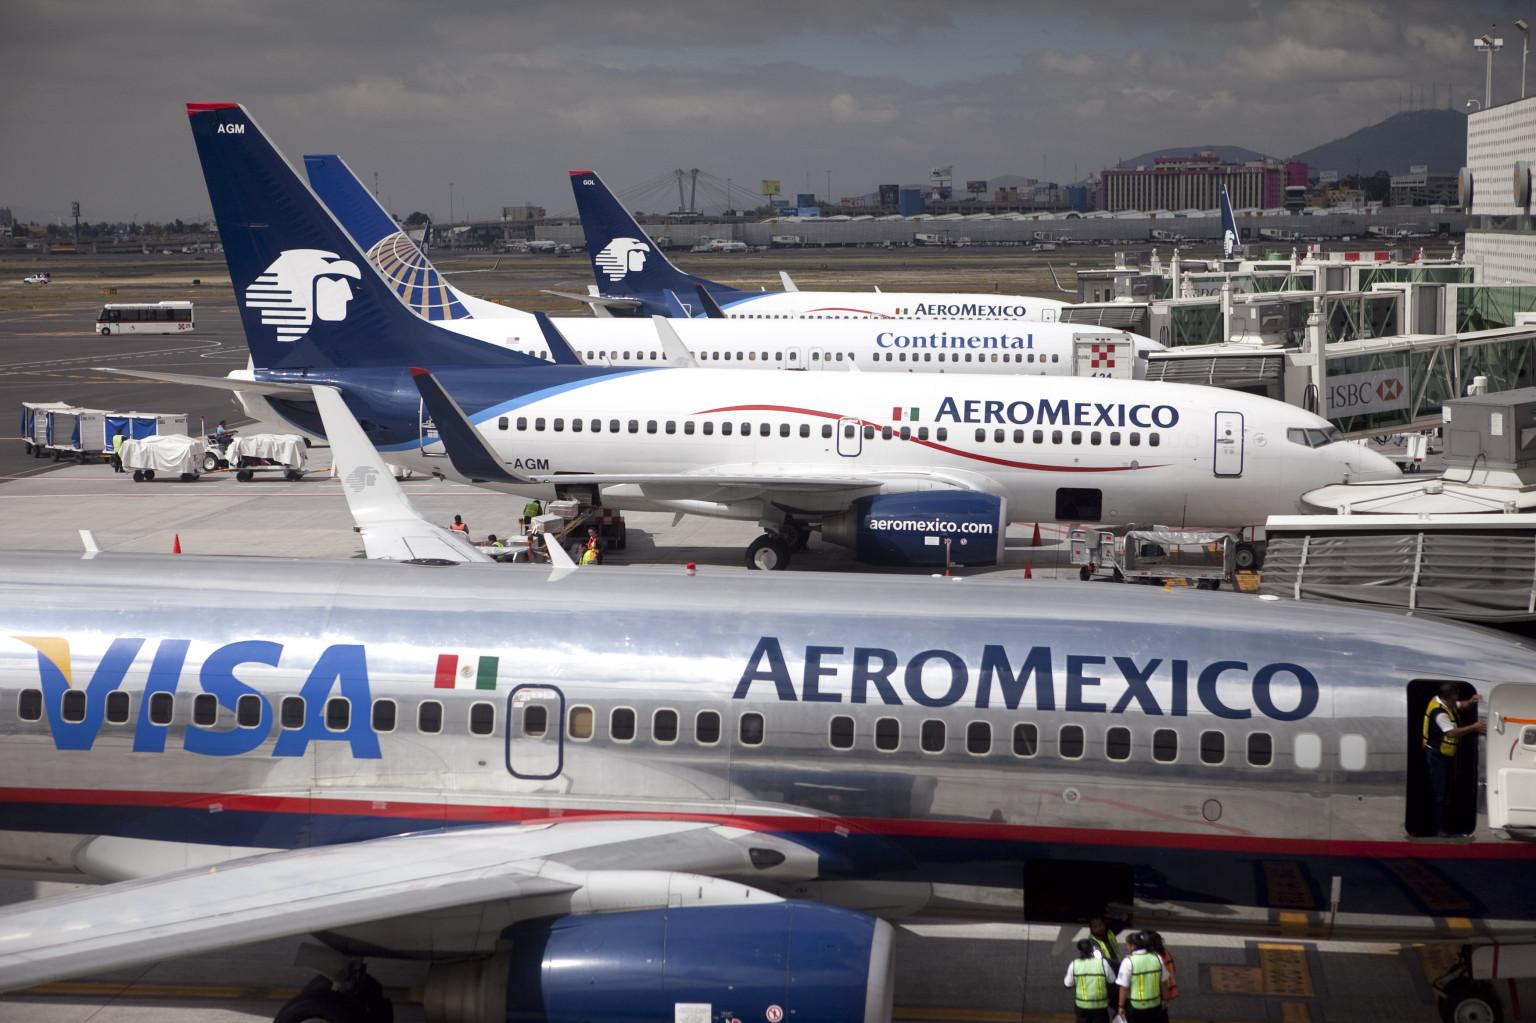 Resultado de imagen para Aeromexico wiki